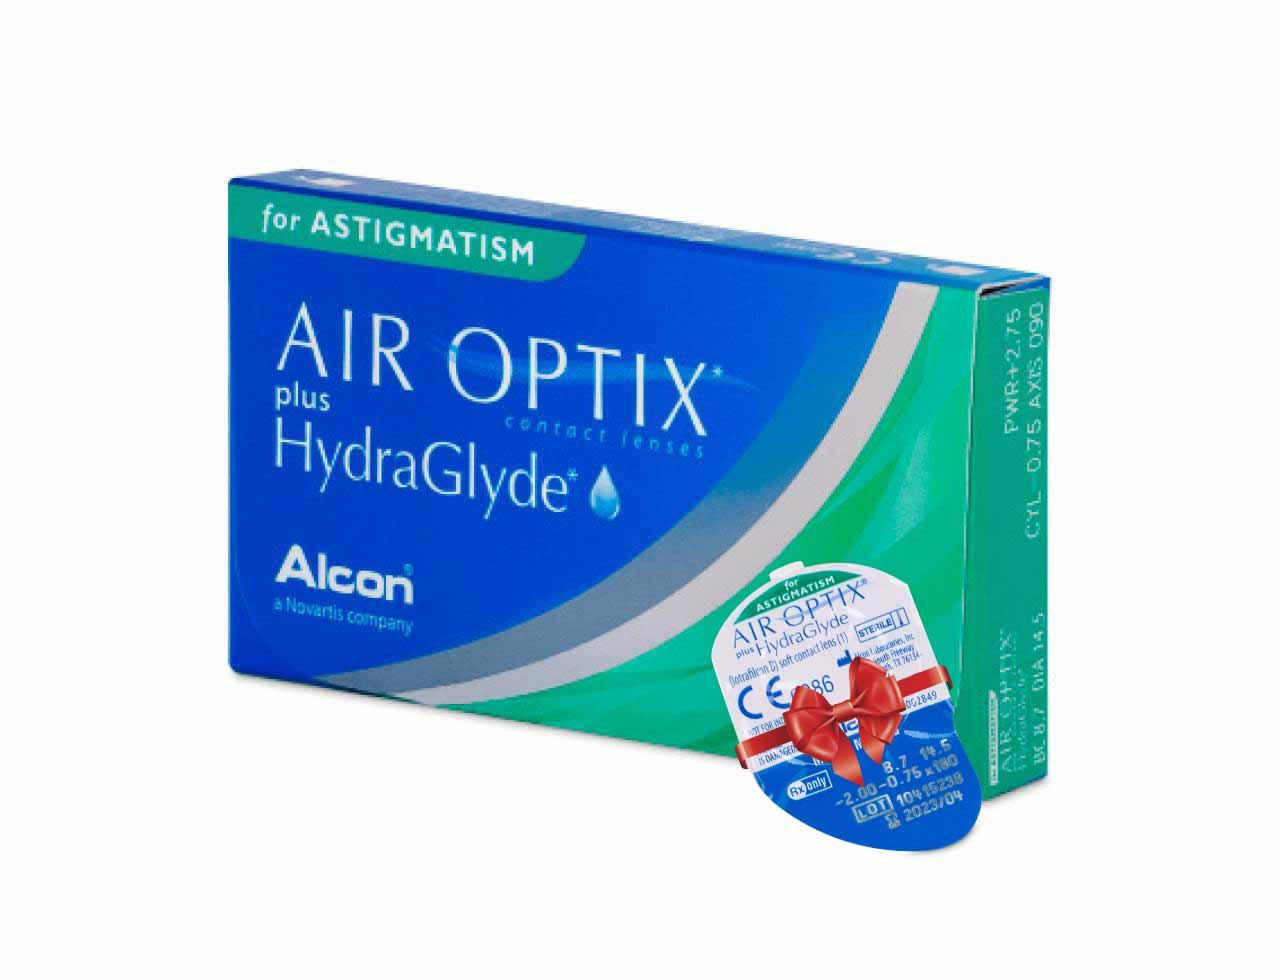 Торические контактные линзы Alcon Air Optix plus HydraGlyde for Astigmatism - Фото №7